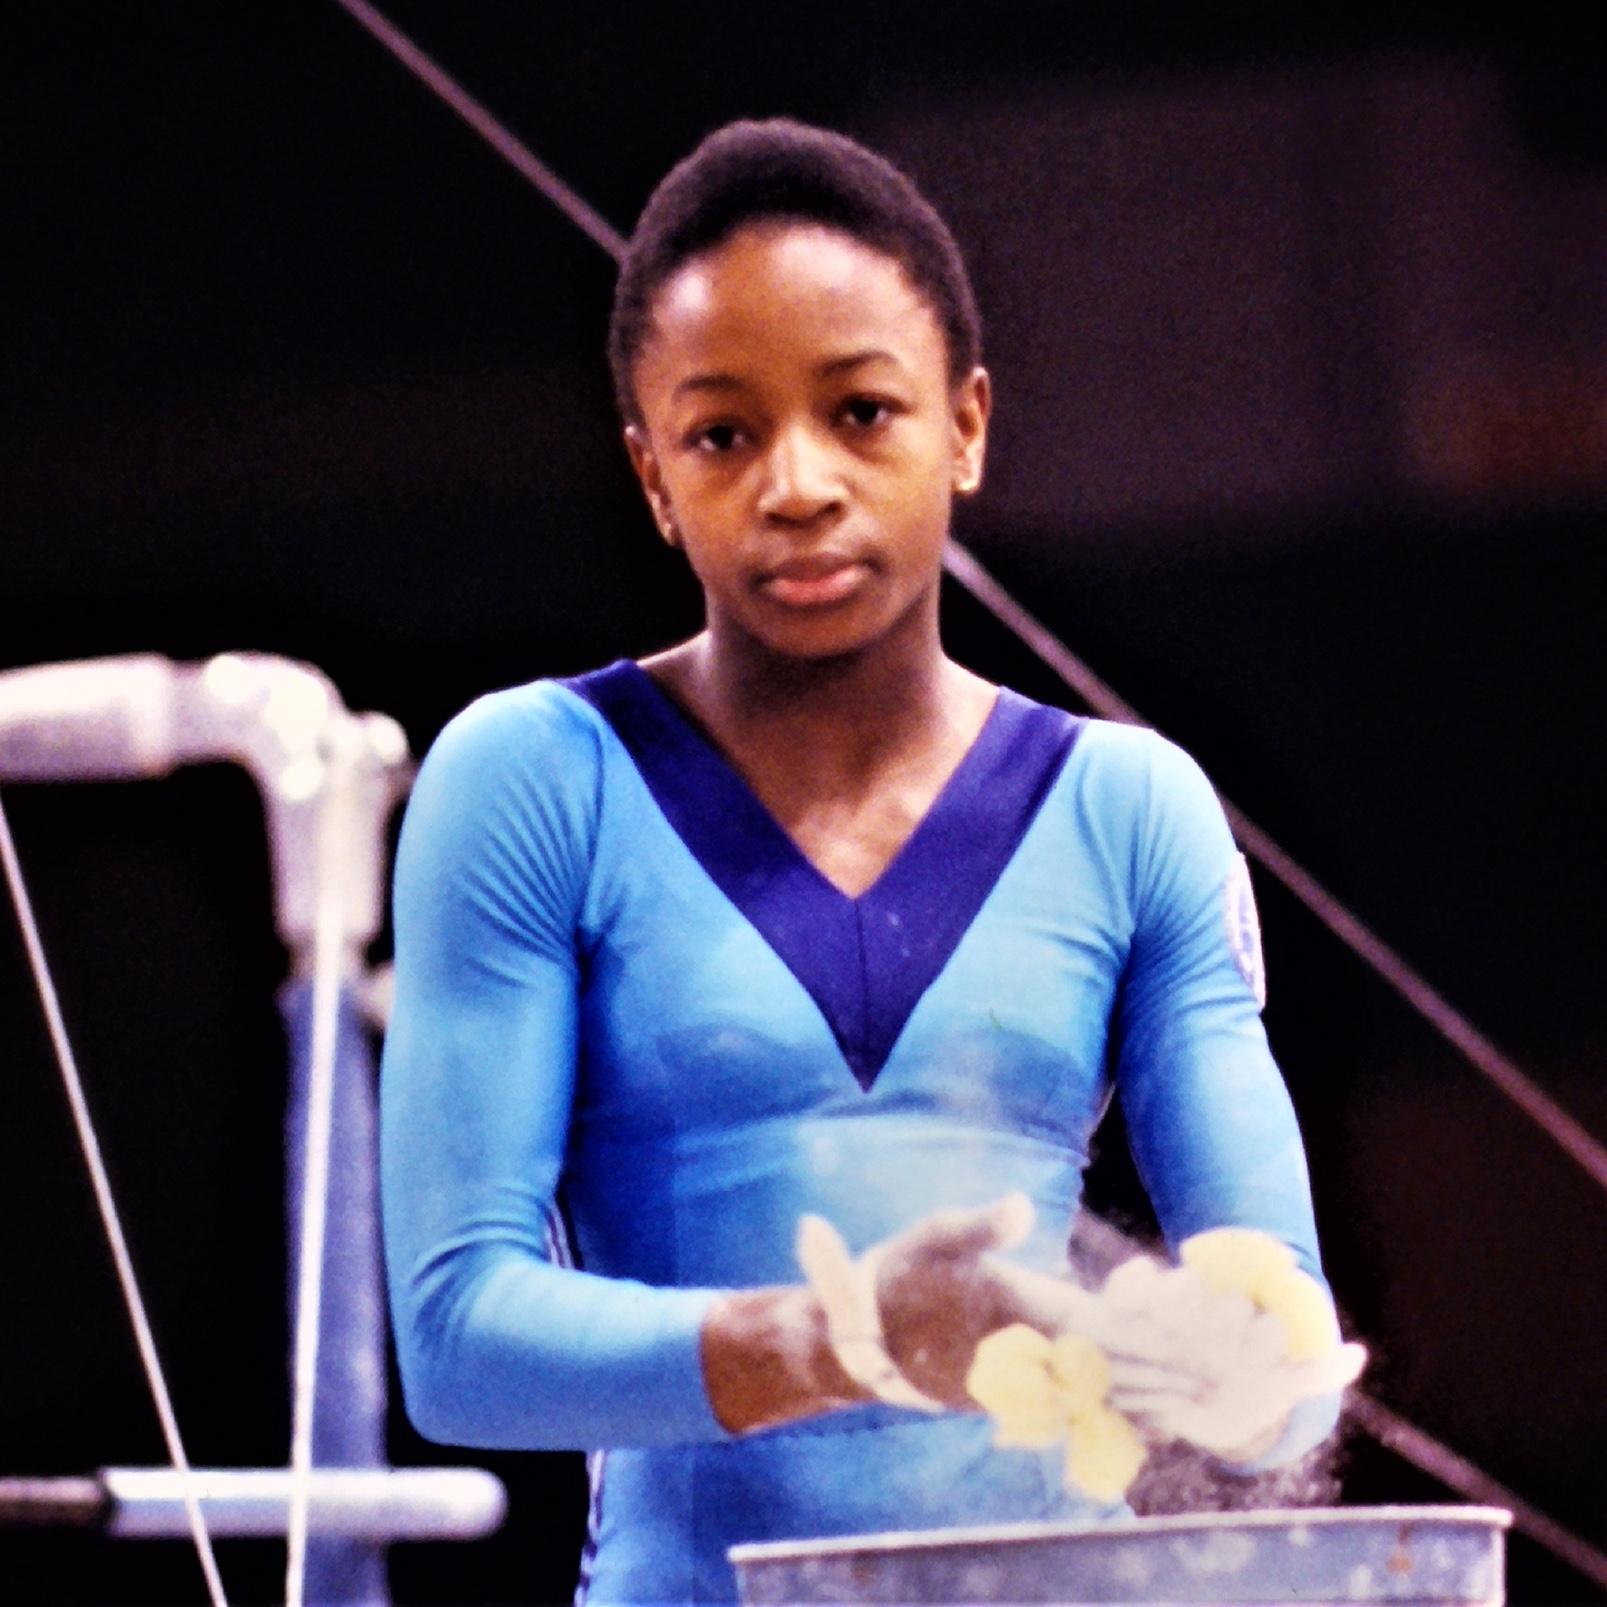 Kathy Williams GB V Canada in 1979 - Alan Burrows